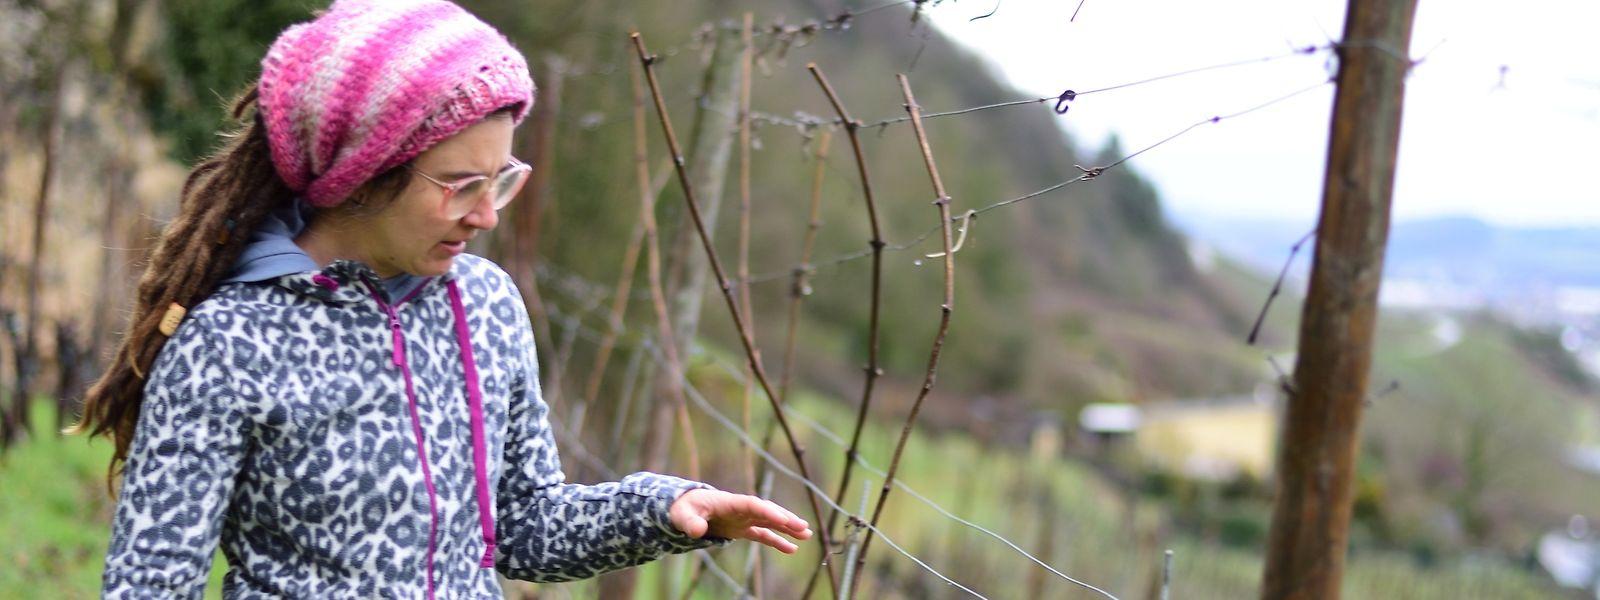 Winzerin Laurence Duhr plant, in ihrem Weinberg Lavendel anzupflanzen.